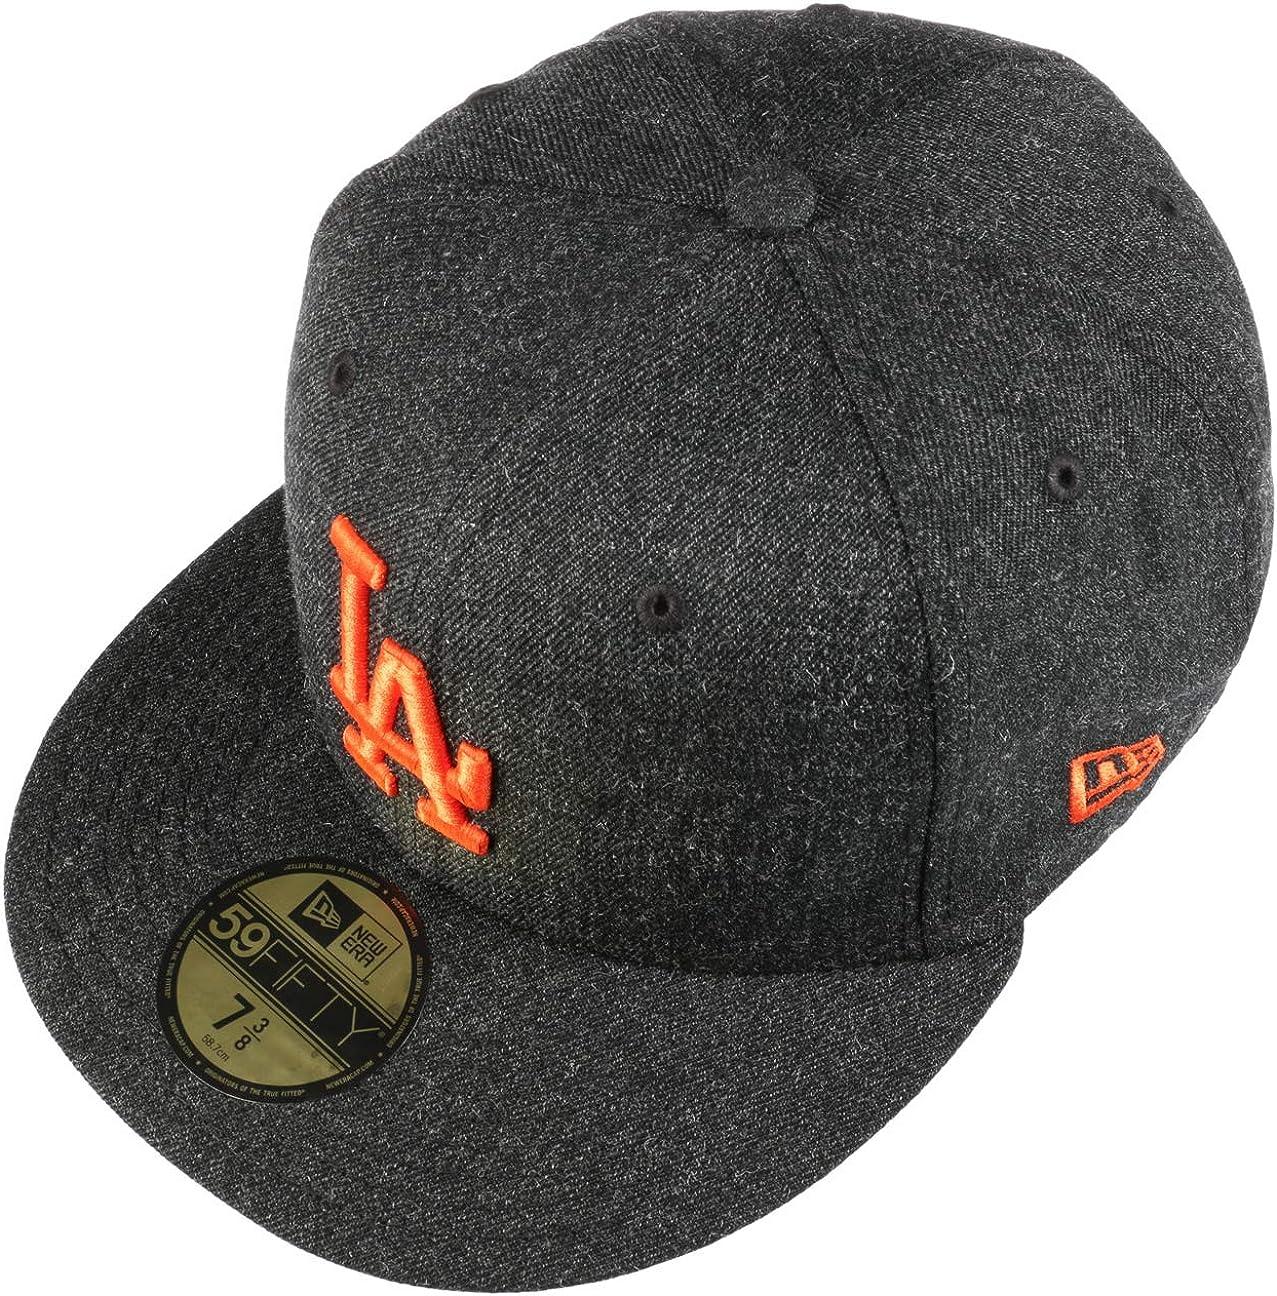 New Era Cappellino 59Fifty Black Base DodgersEra Berretto Baseball MLB cap Cappello Hiphop